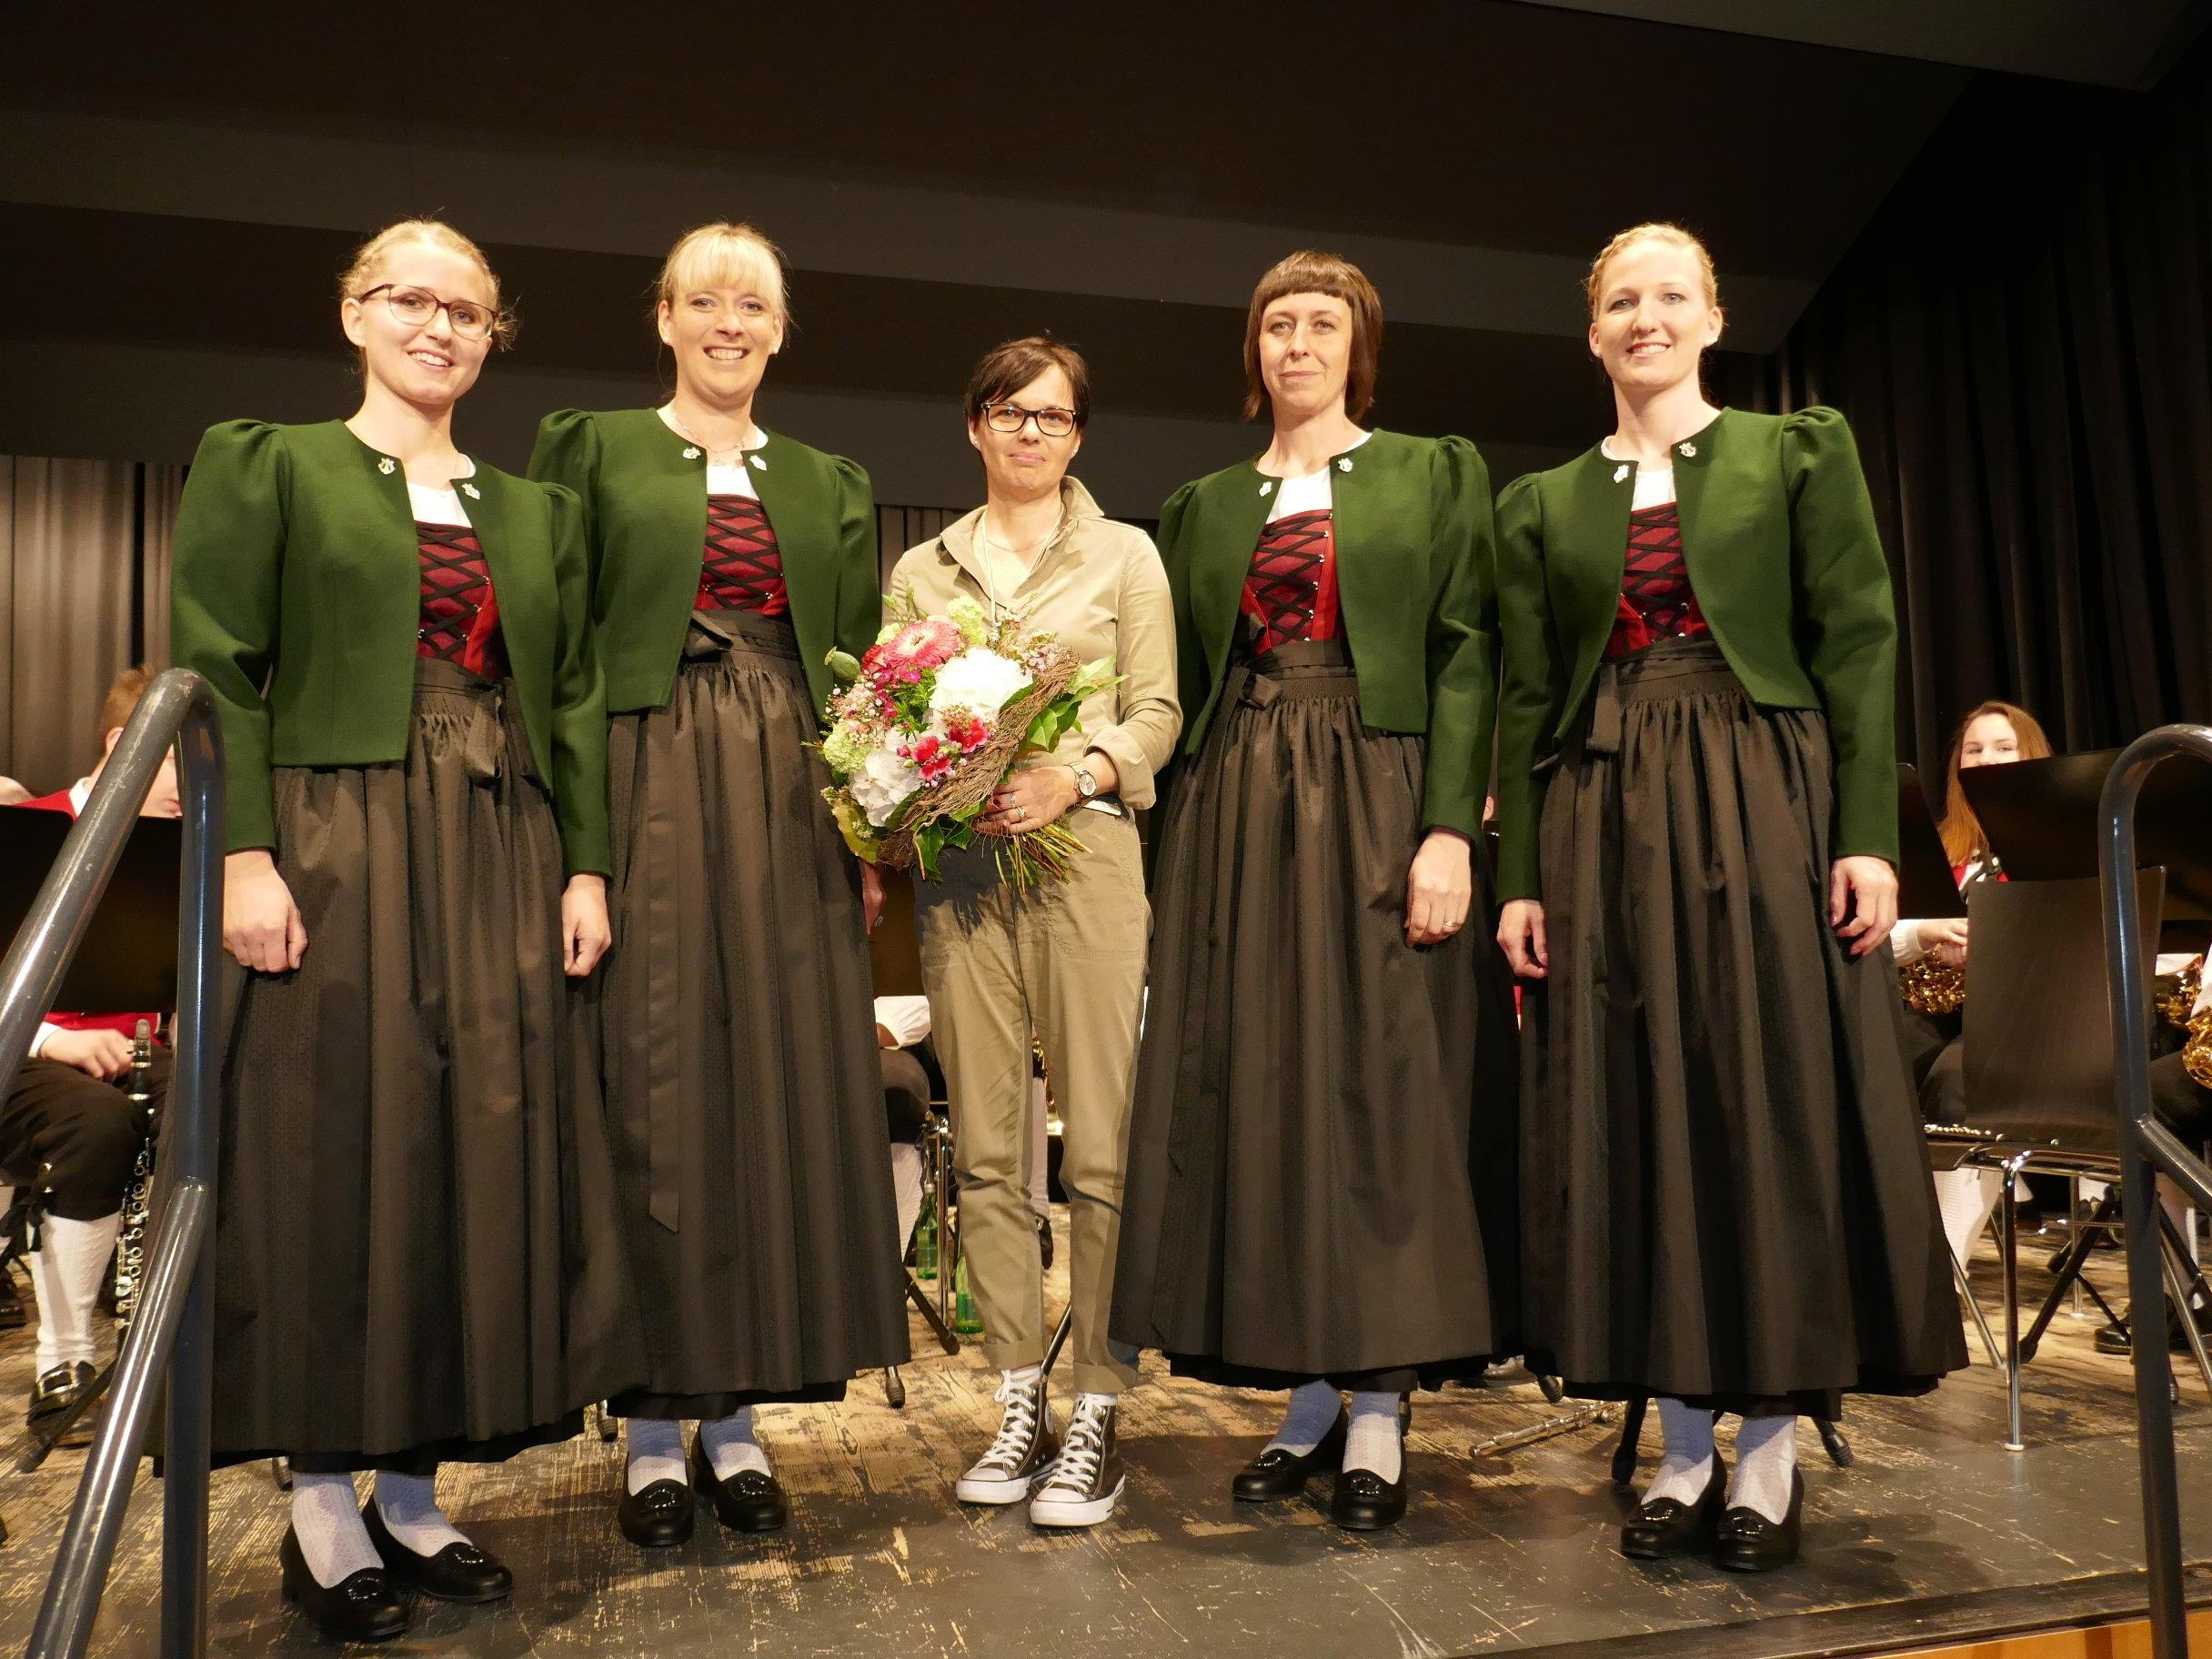 Präsentation der neuen Damentracht von Heike Devigili (Mitte)